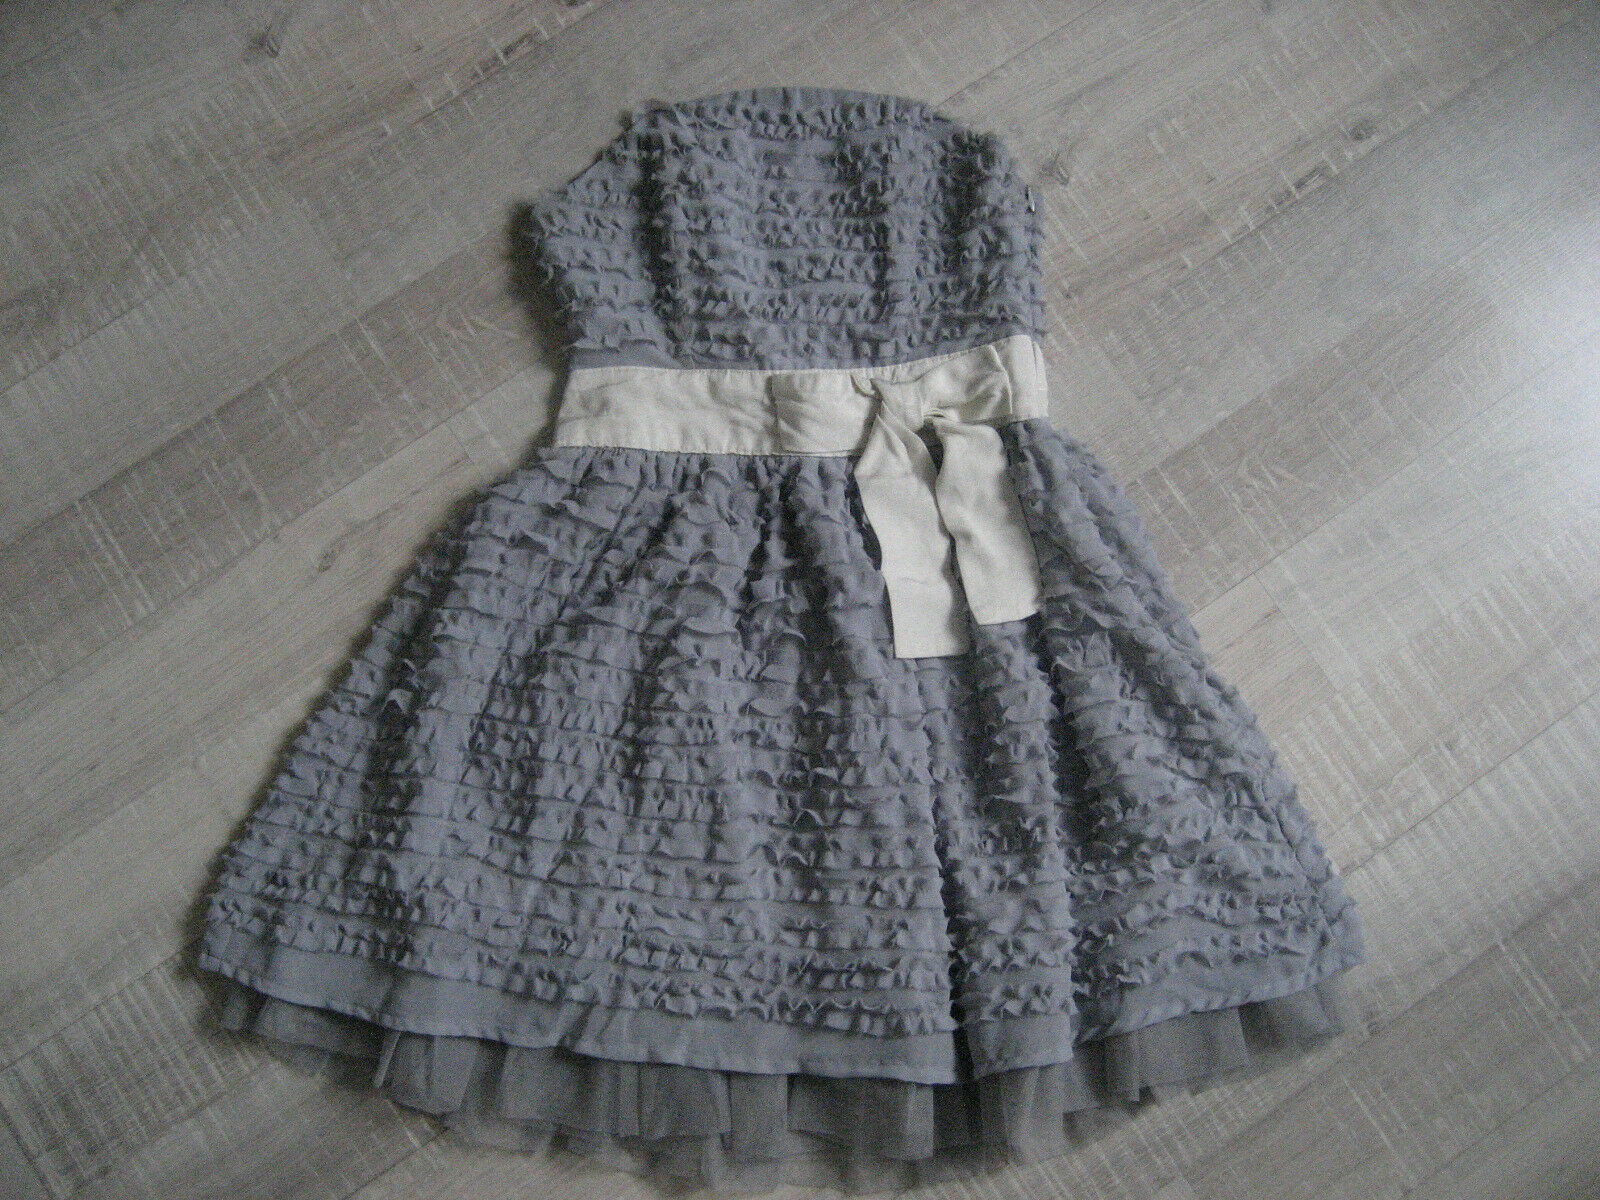 Darling Kleid, Corsage, ganz mit kleinen Rüschen besetzt, Gr.XS, grau